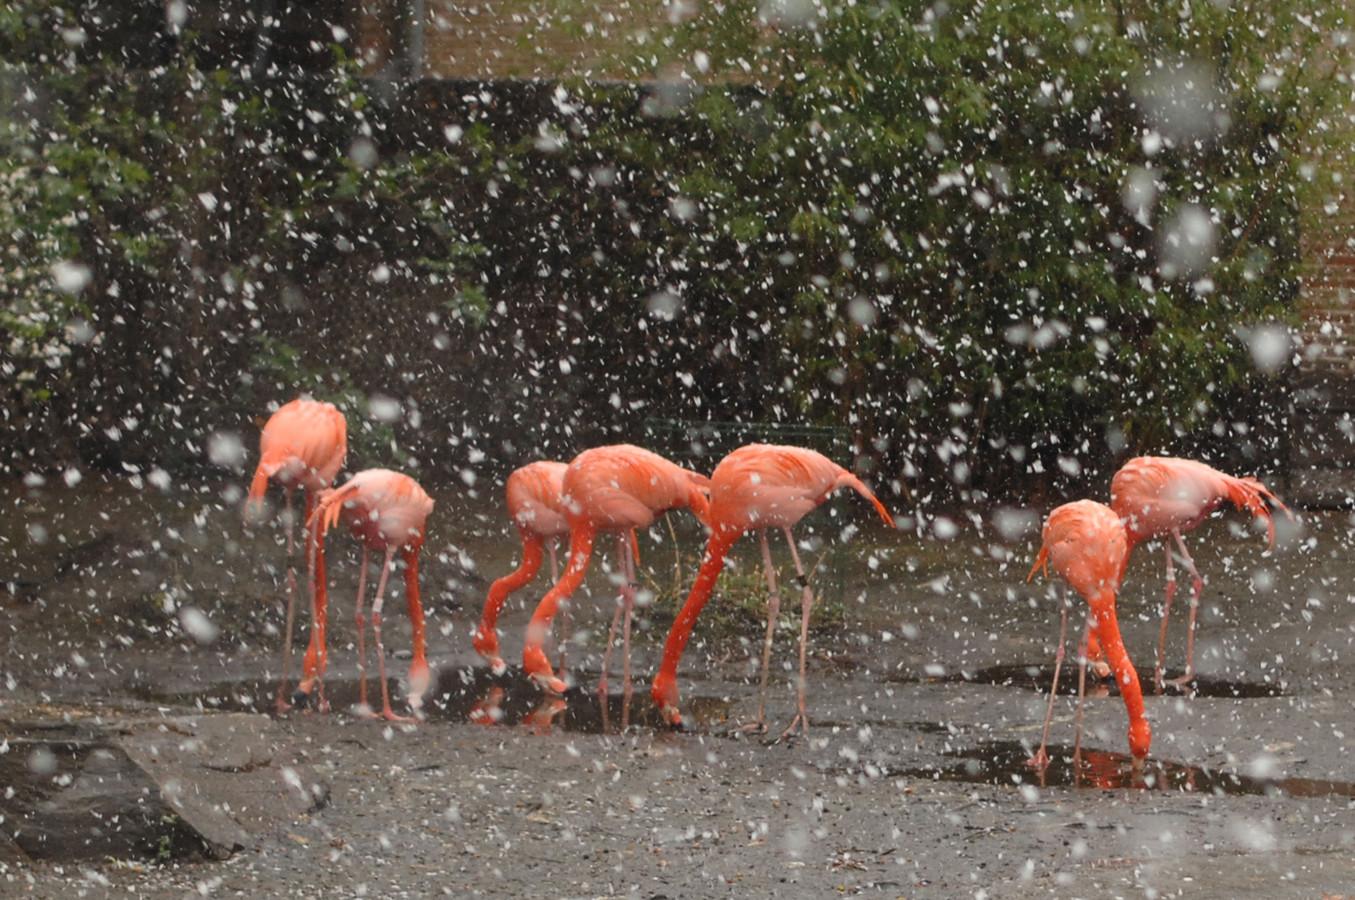 25 maart 2008: de flamingo's uit de Zoo van Antwerpen werden verrast door een winterse bui.